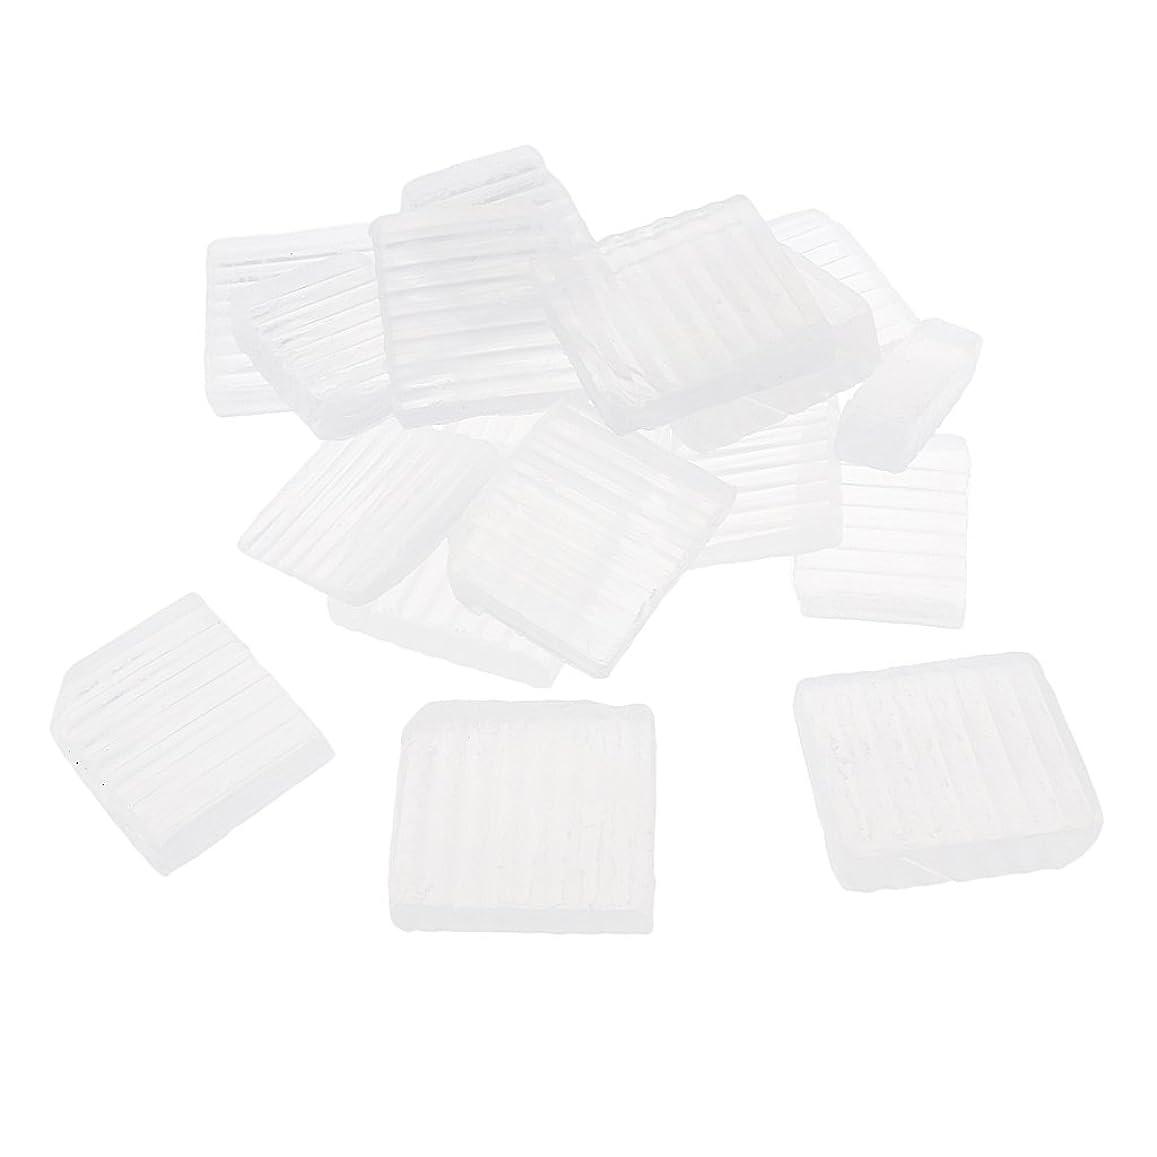 バズシェトランド諸島登録するP Prettyia 透明 石鹸ベース DIY 手作り 石鹸 材料 約1 KG DIYギフト